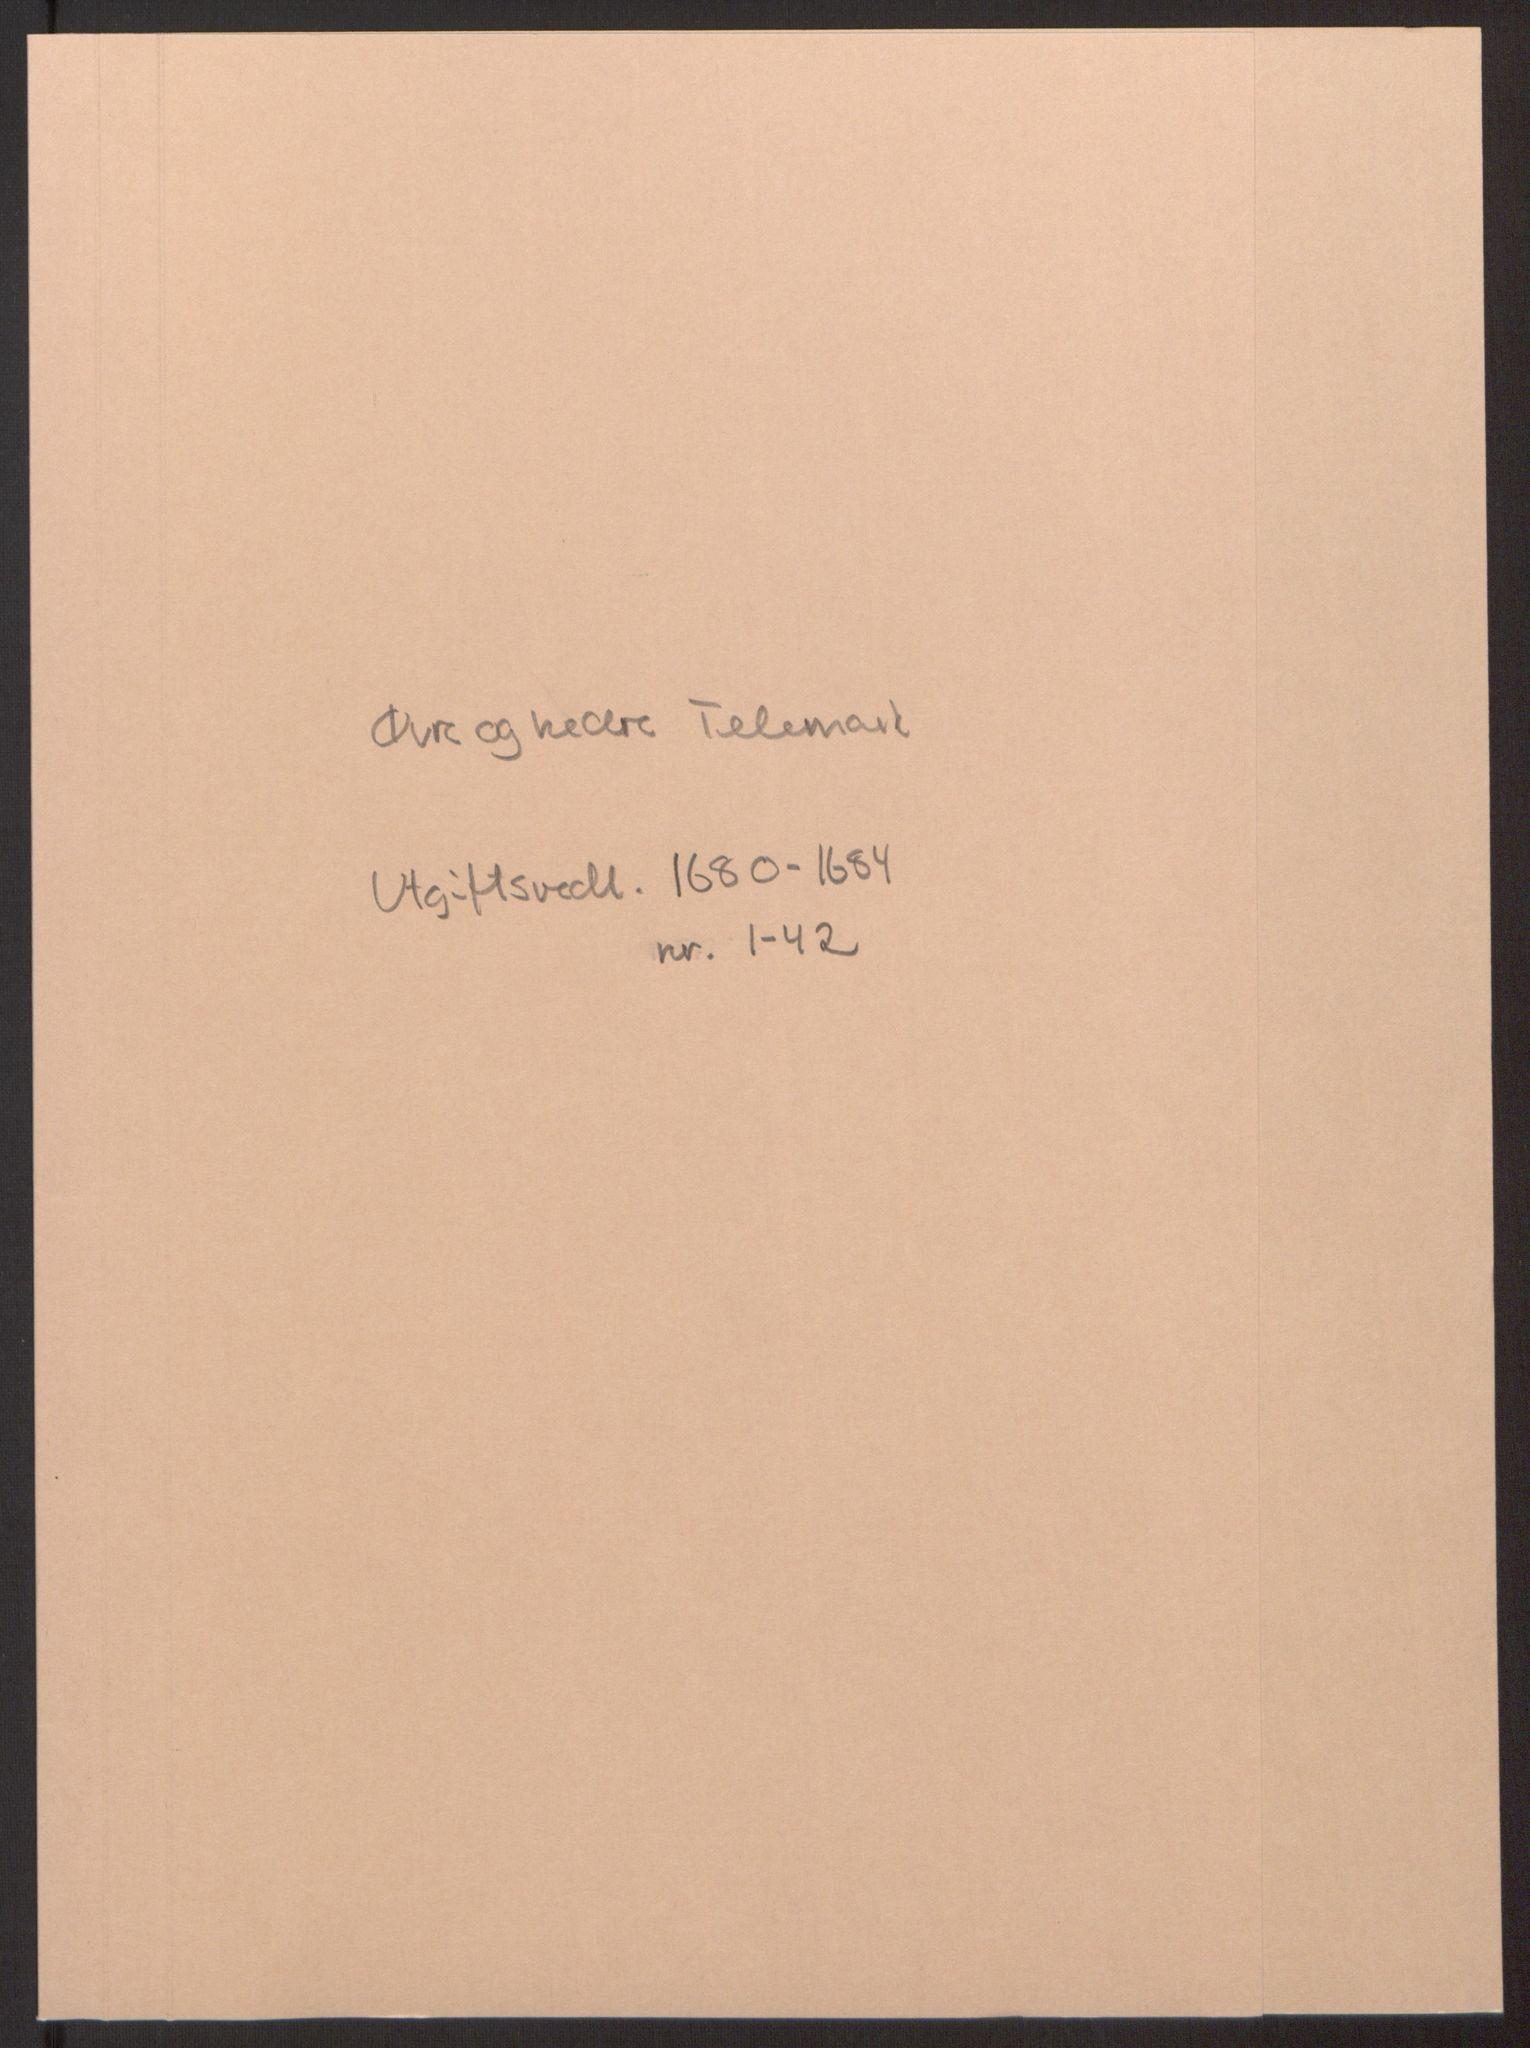 RA, Rentekammeret inntil 1814, Reviderte regnskaper, Fogderegnskap, R35/L2081: Fogderegnskap Øvre og Nedre Telemark, 1680-1684, s. 343